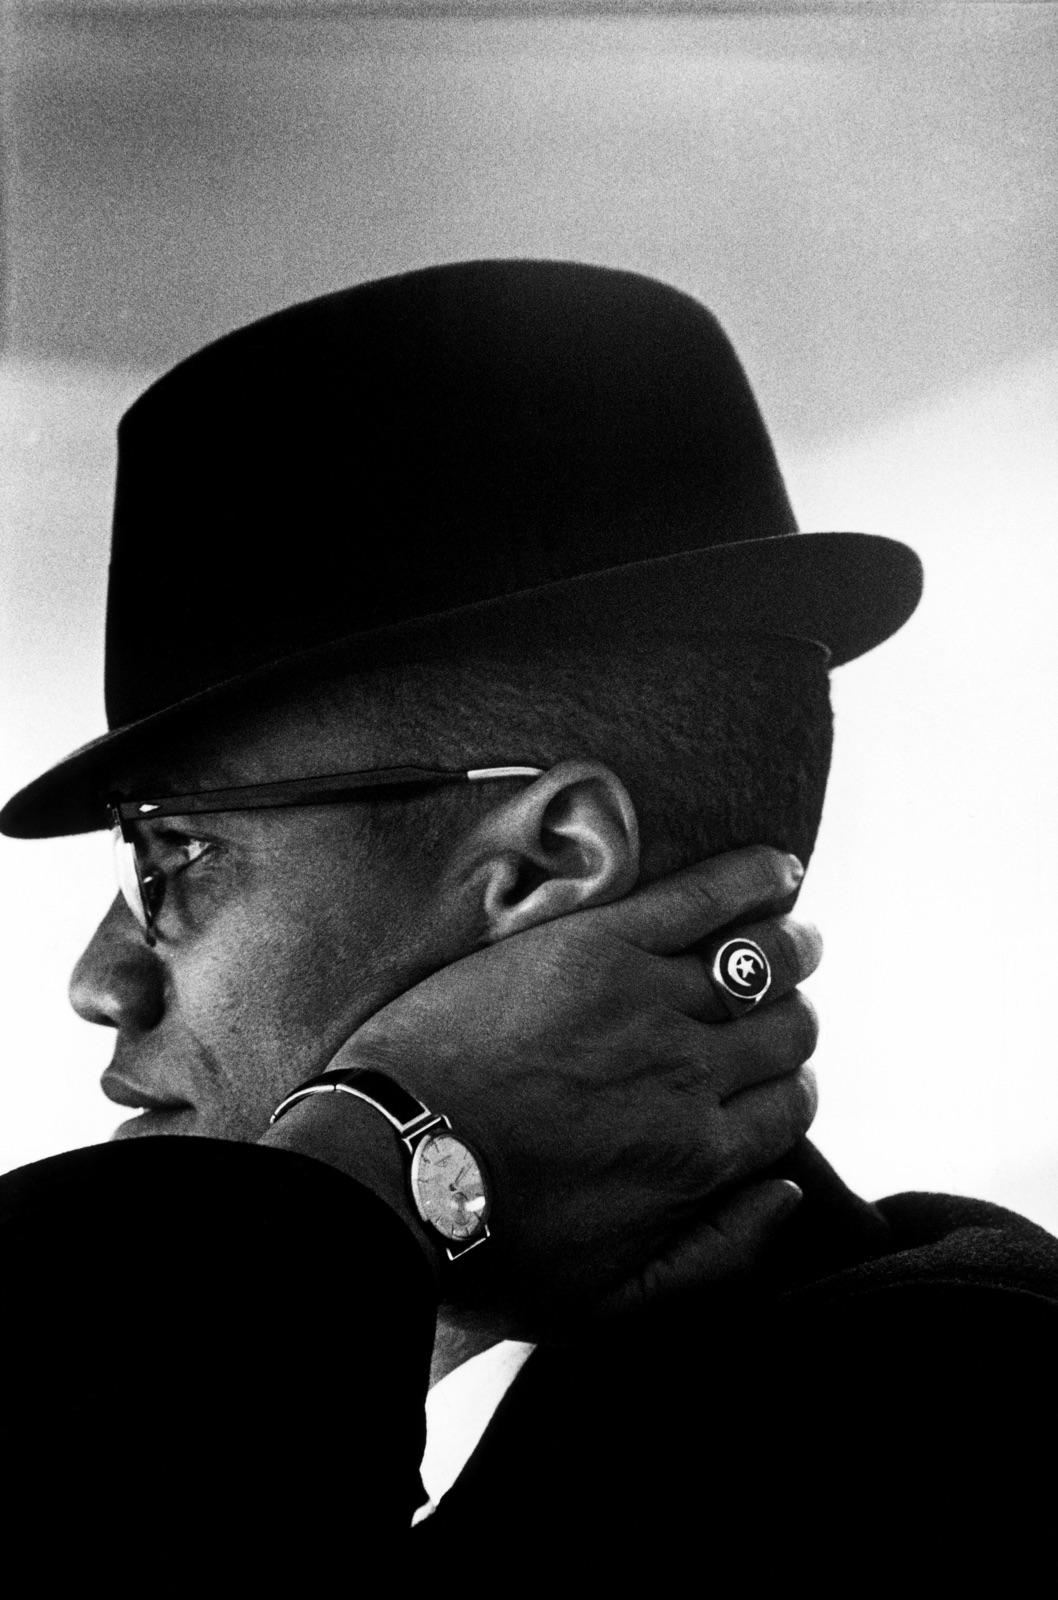 foto van Malcolm X door Eve Arnold, zwartwit portret